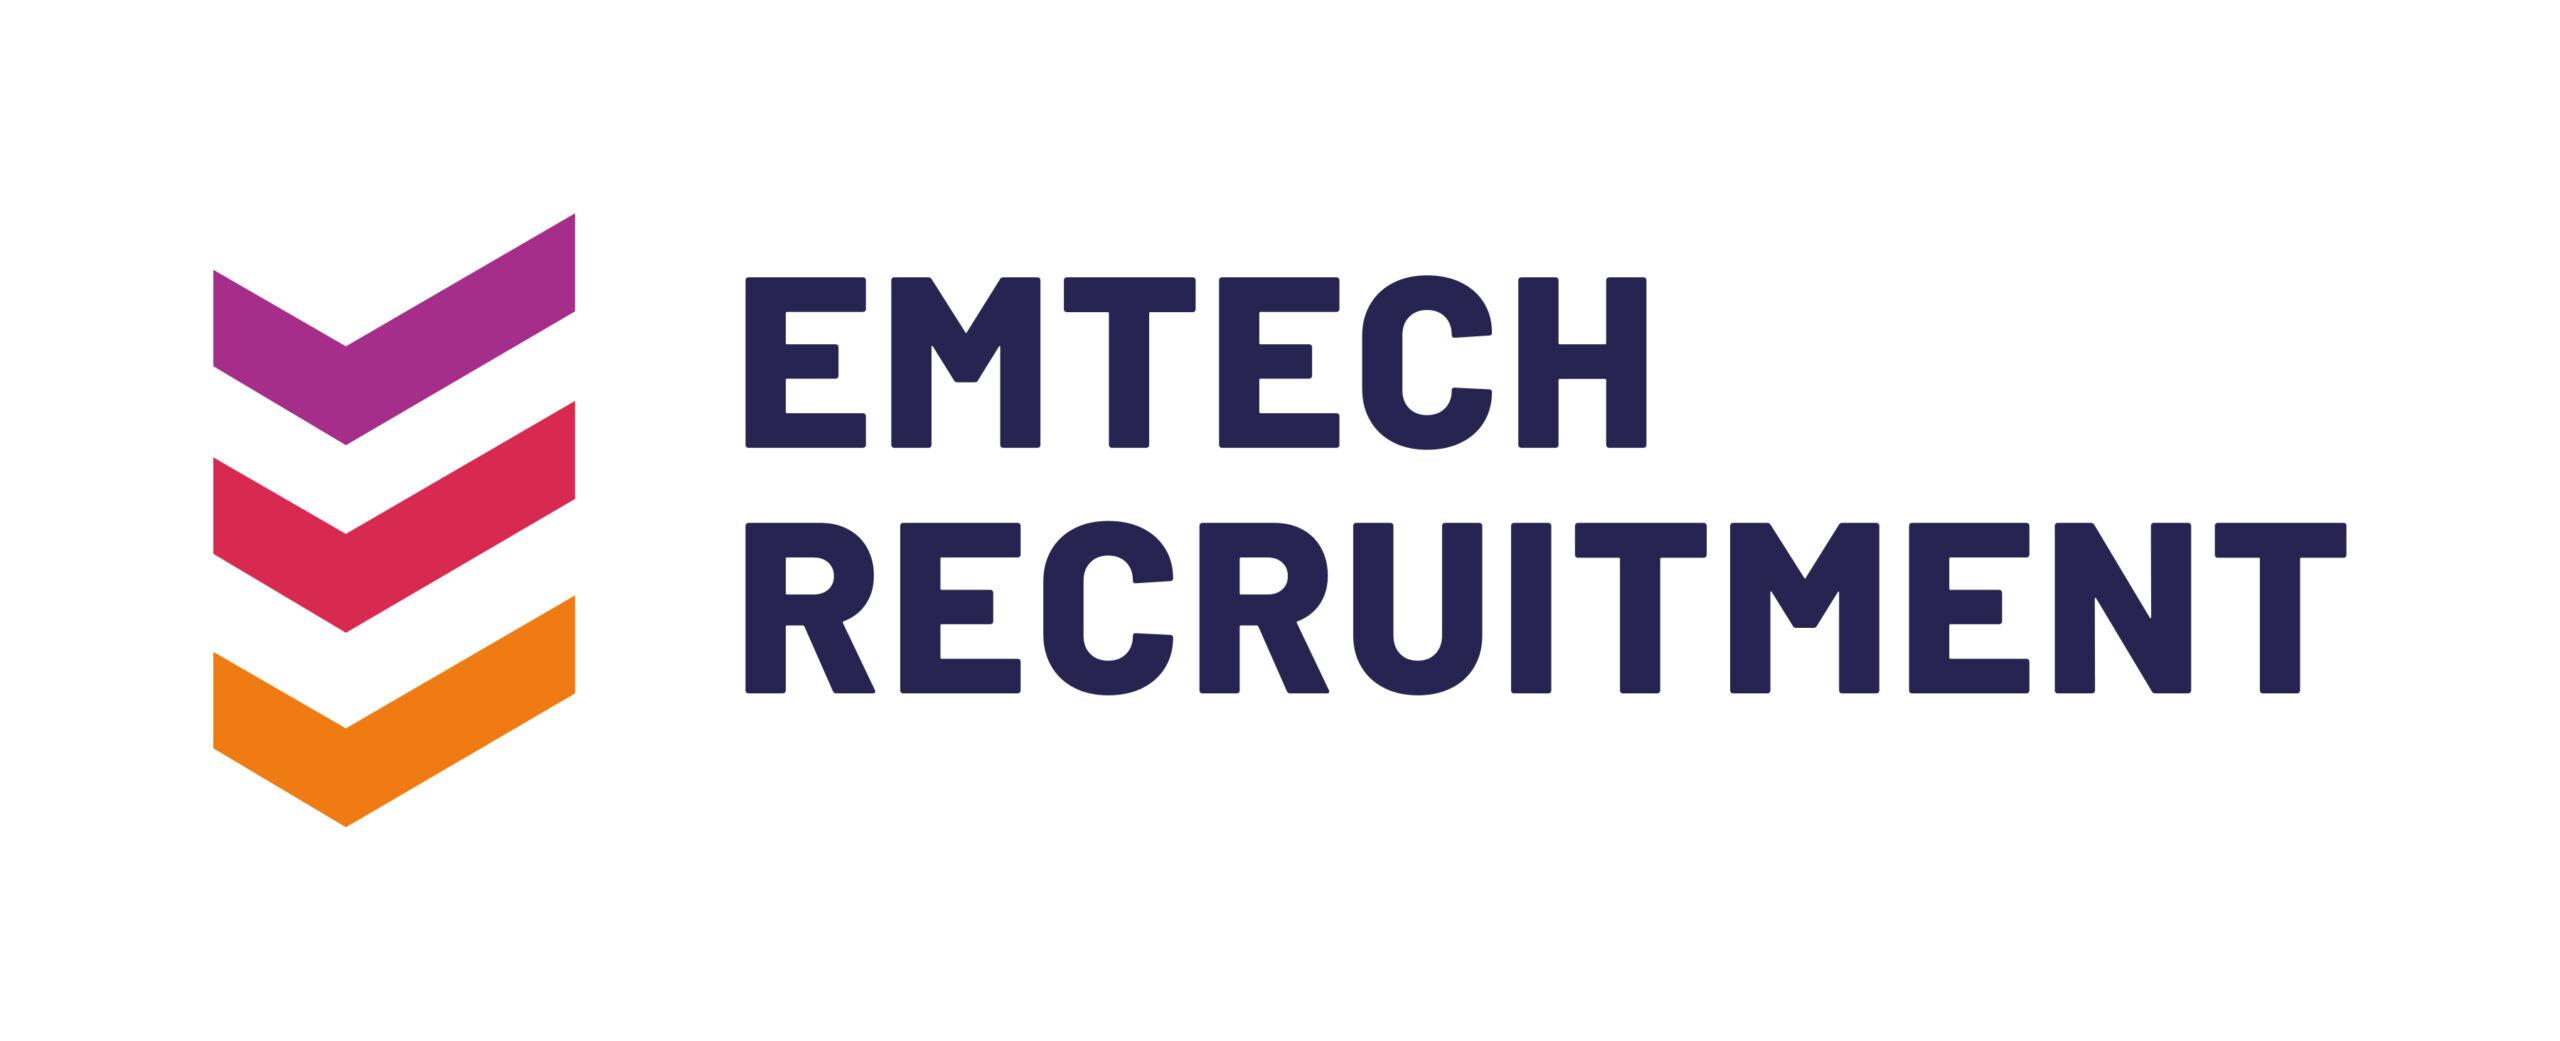 Emtech Recruitment